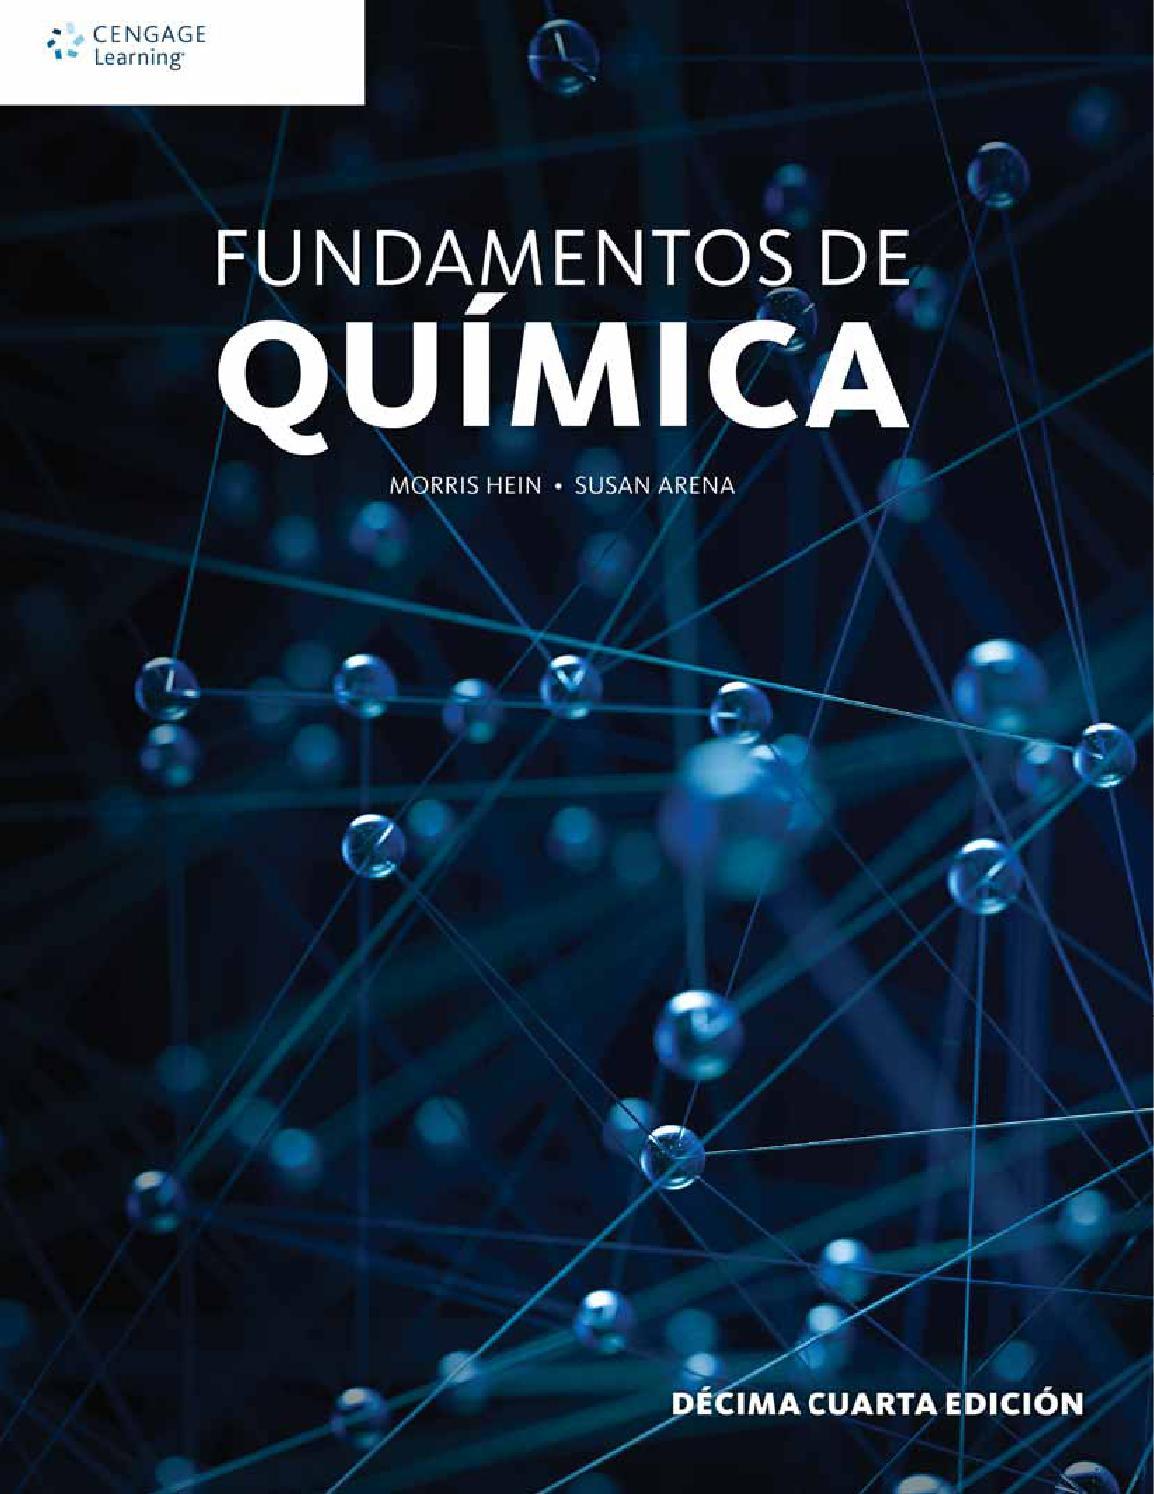 Fundamentos de qu mica 14a ed morris hein y susan arena for Libro la quimica y la cocina pdf